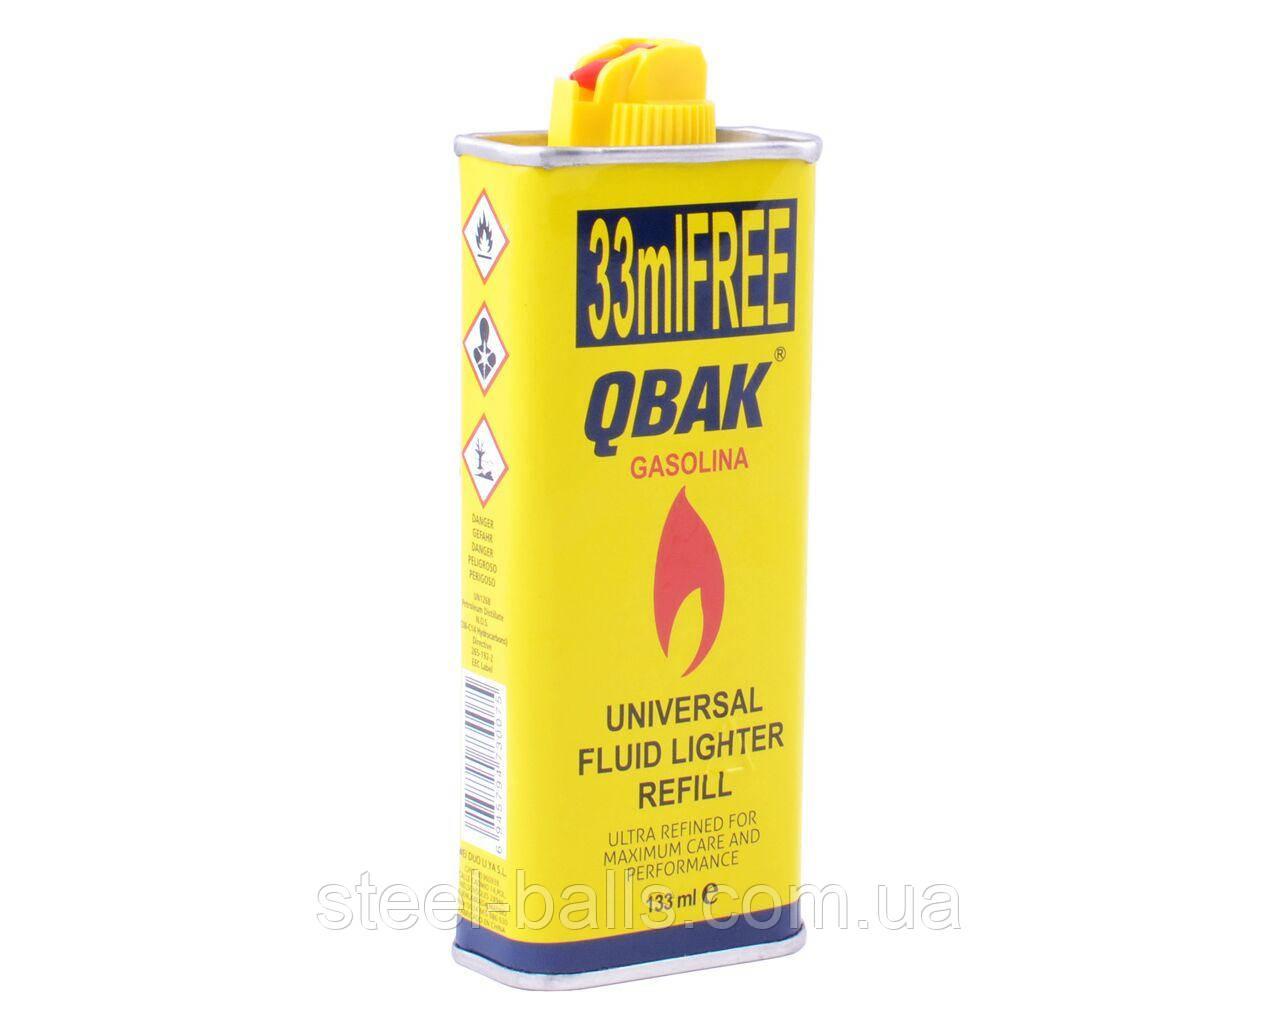 Бензин для заправки зажигалок 133 мл QBAK